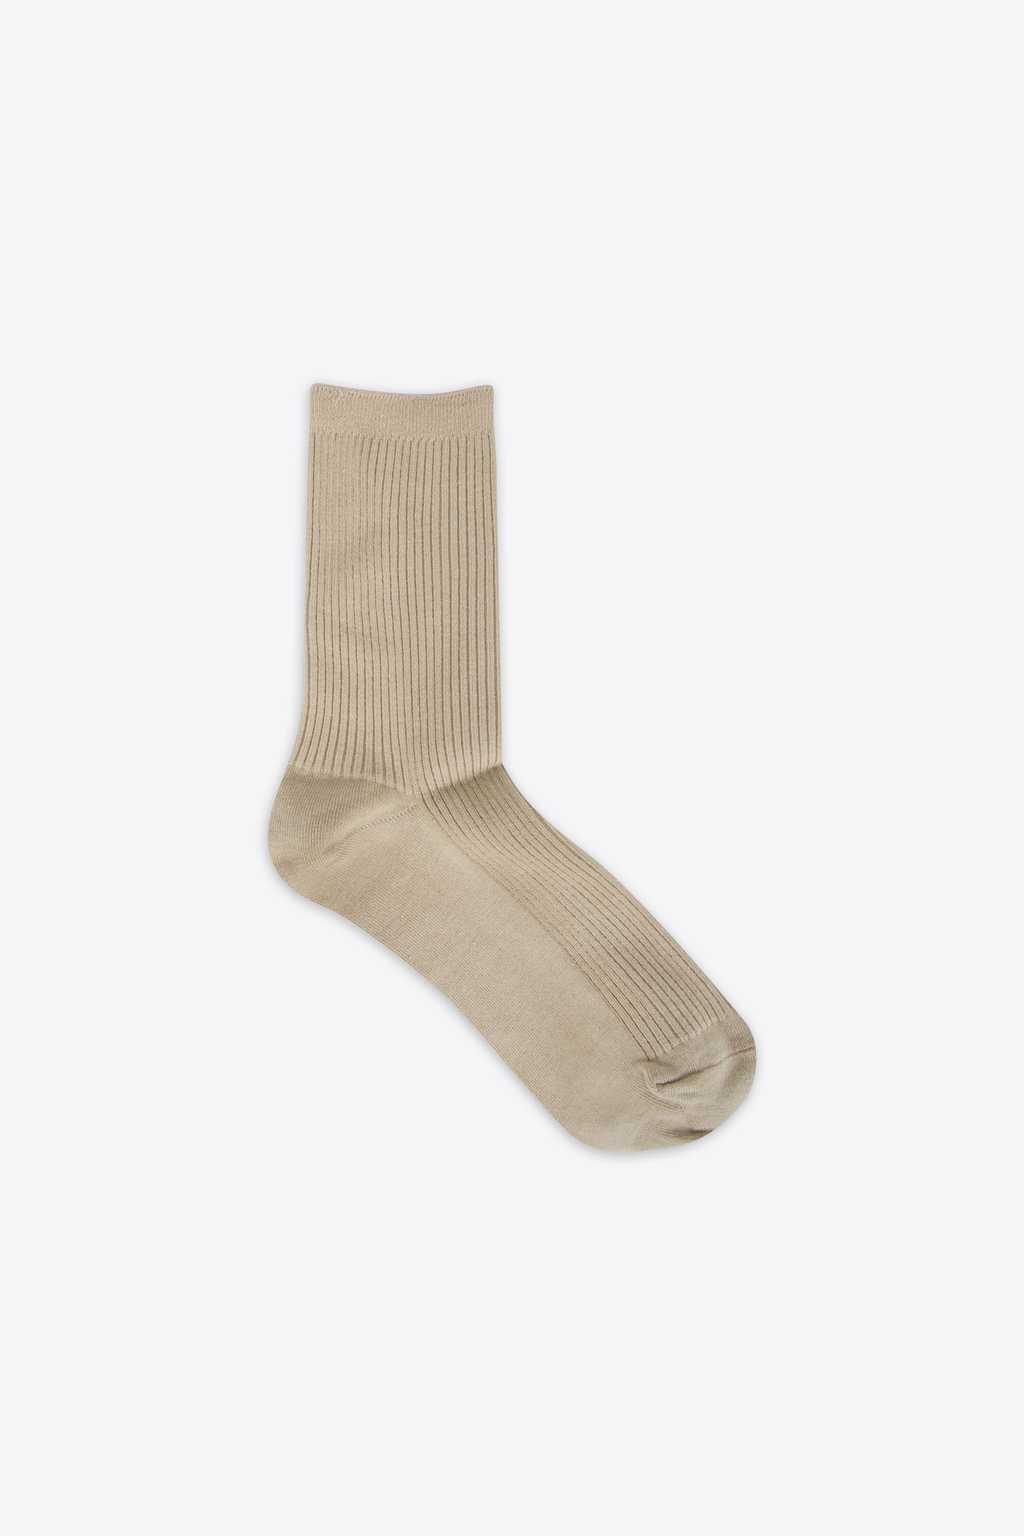 Sock H027 Beige 2